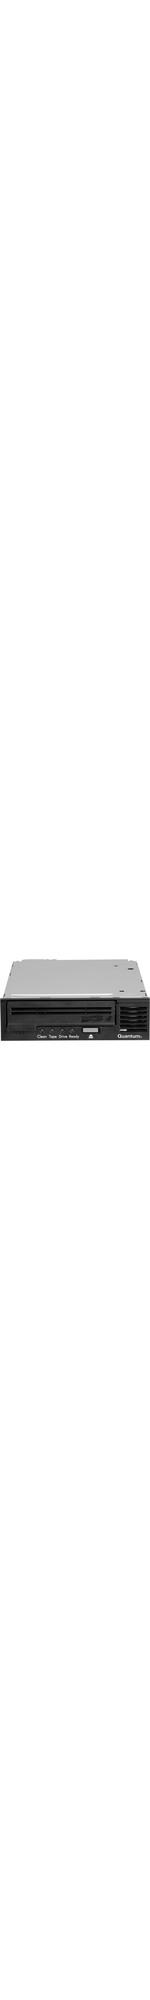 Quantum TC-L42AX-EY-B LTO Ultrium 4 Tape Drive - 800 GB Native/1.60 TB Compressed